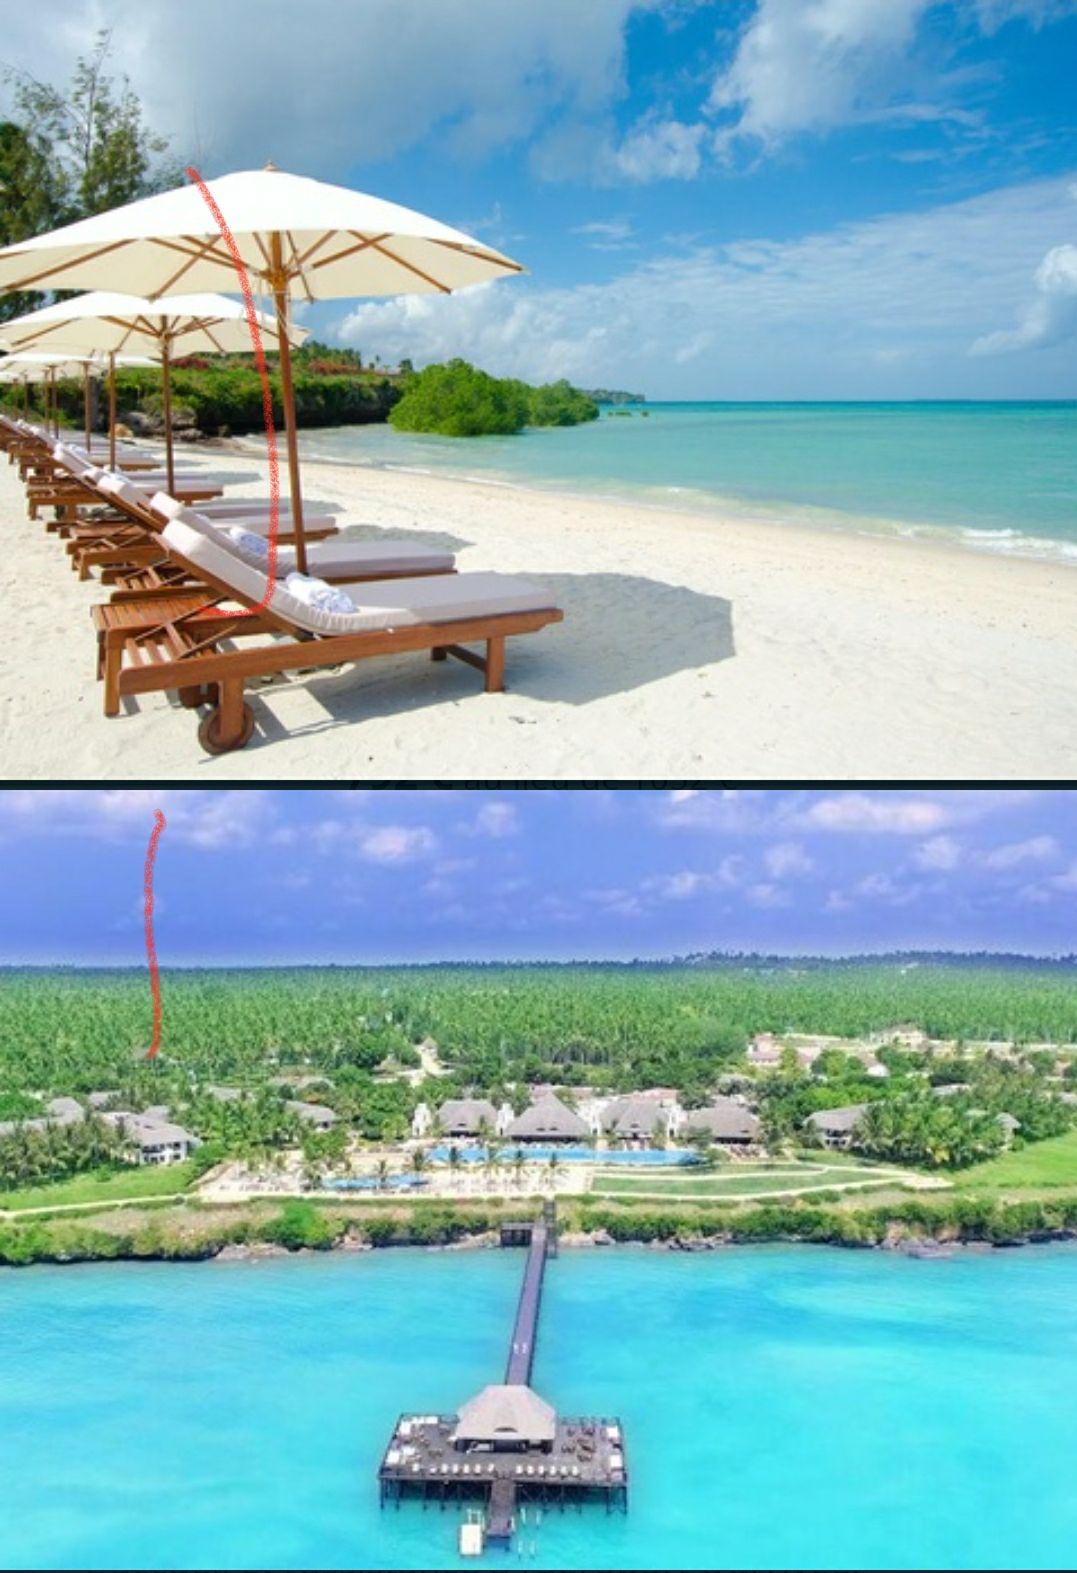 Séjour Zanzibar de 9 jours 7 nuits en depart de toute la France avec Vols A/R